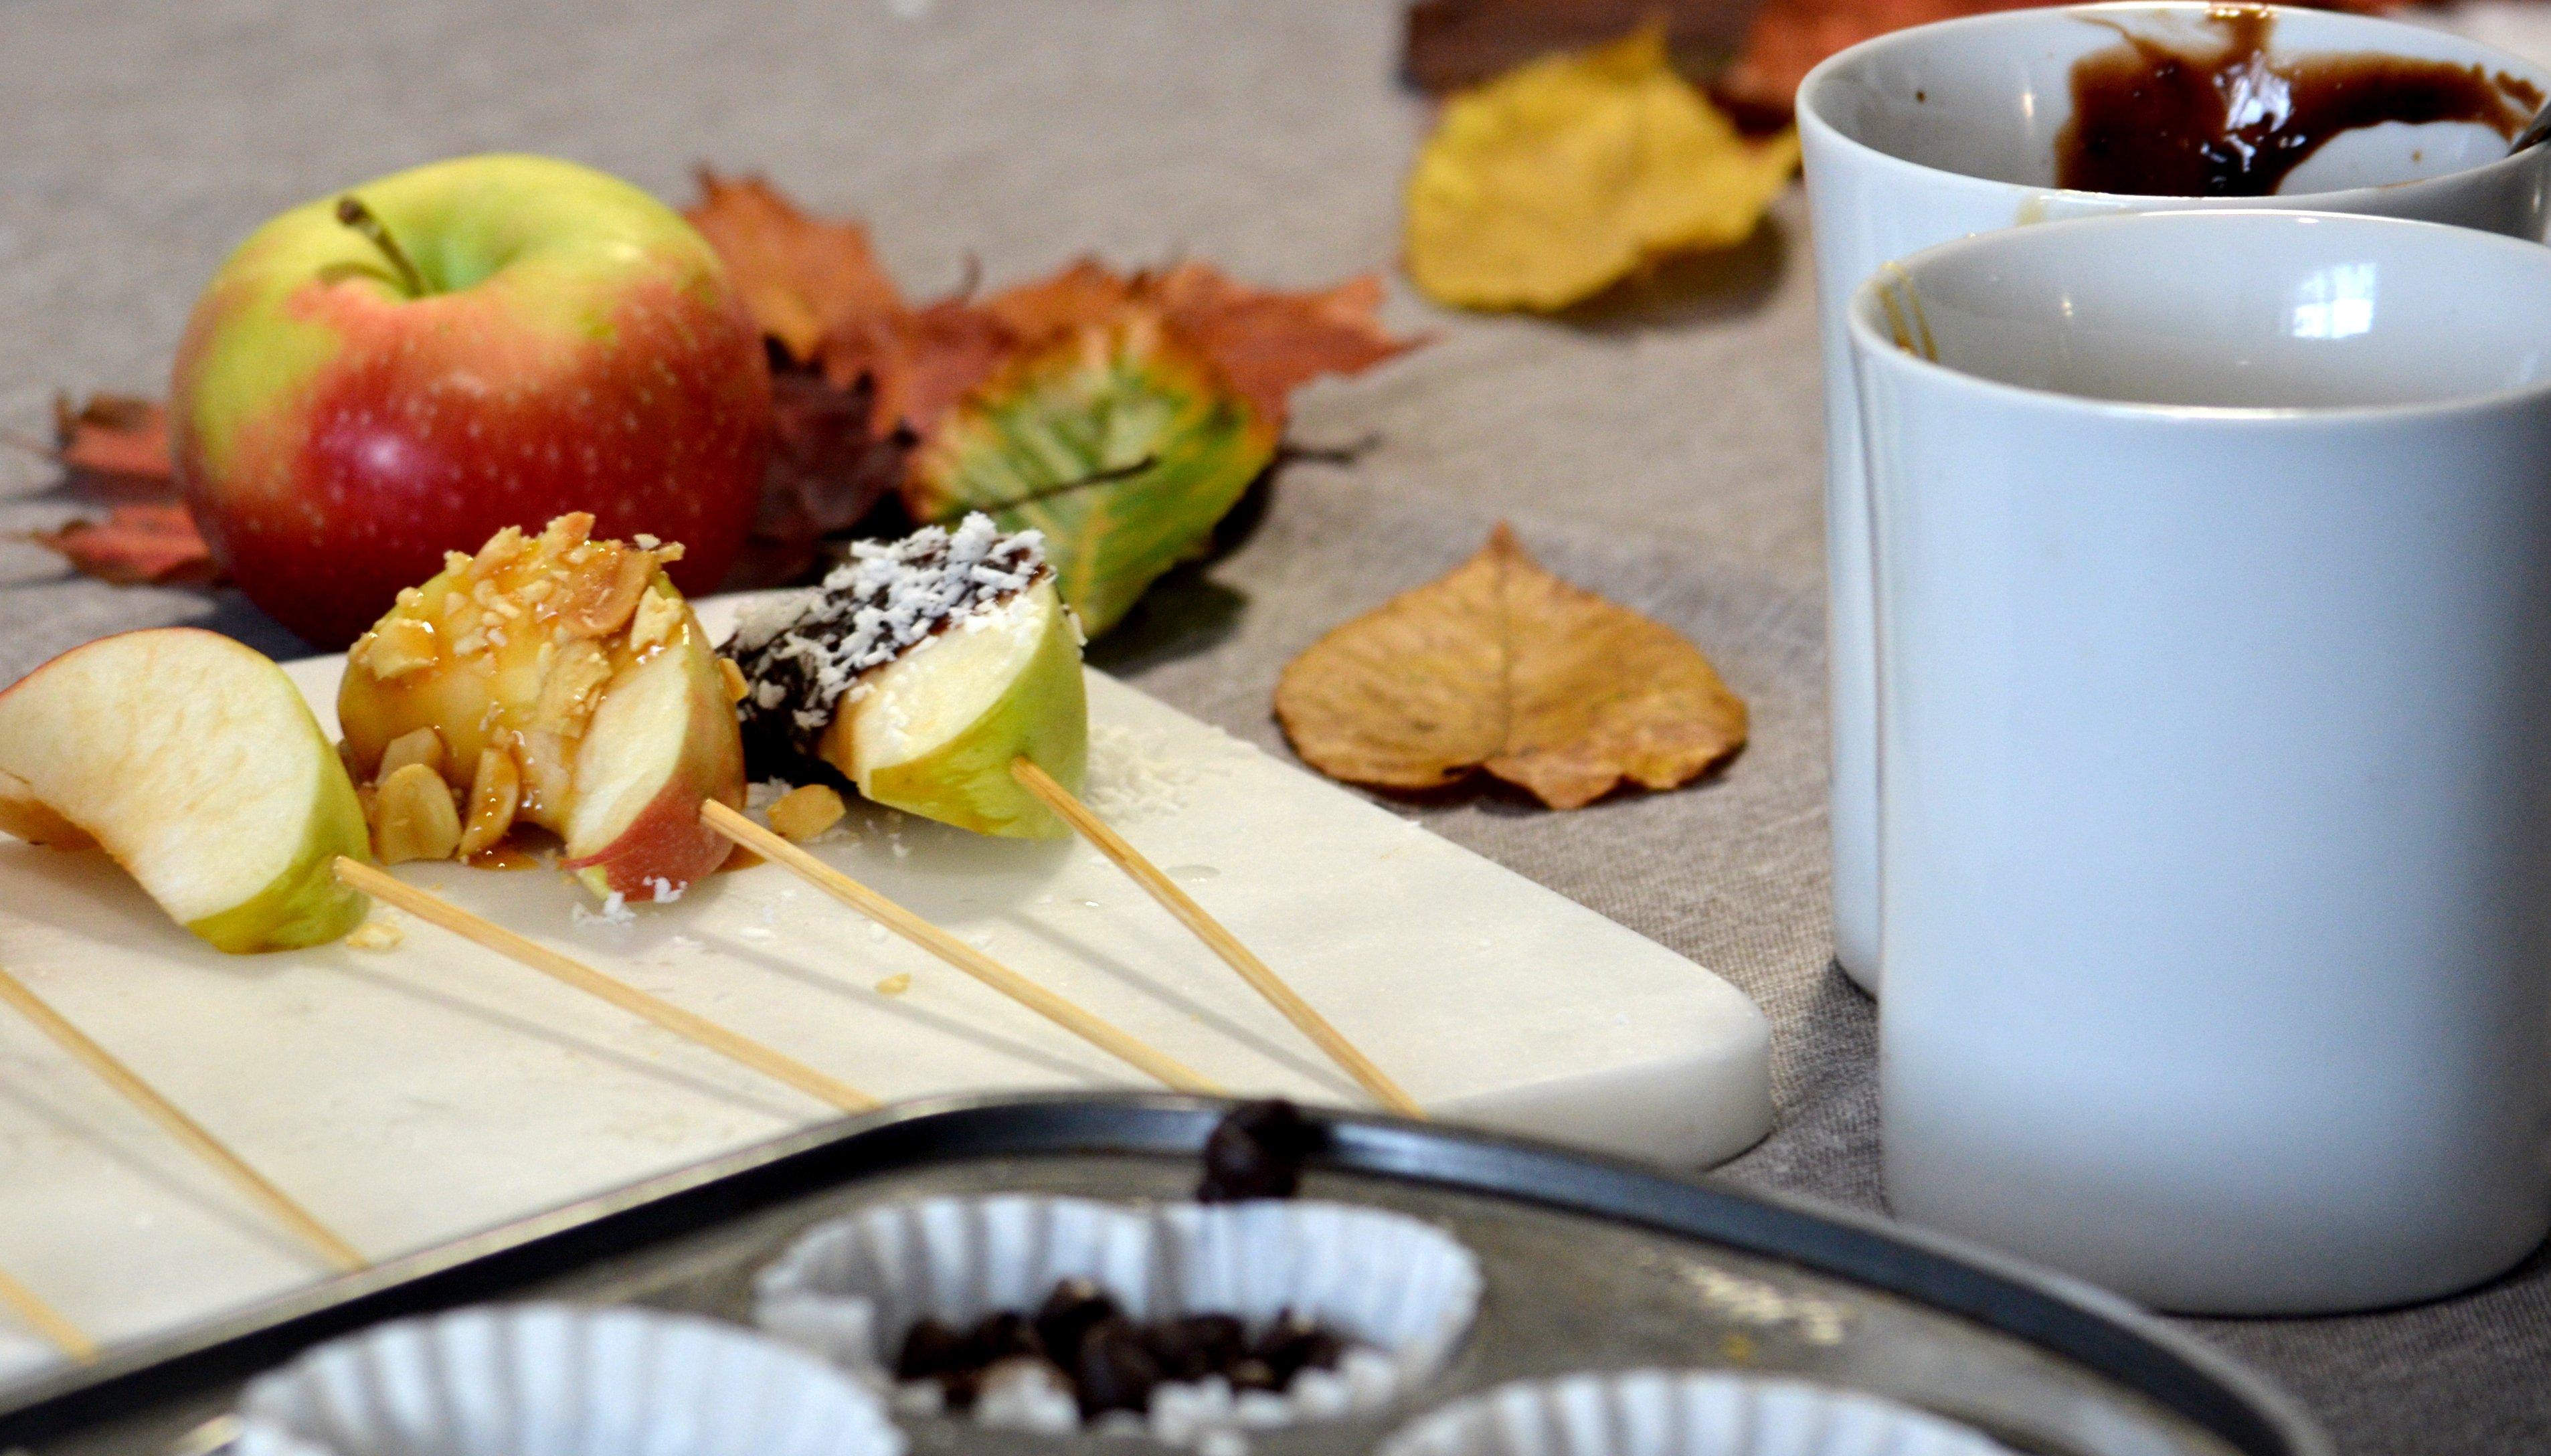 Quartiers de pommes au caramel et chocolat garnie